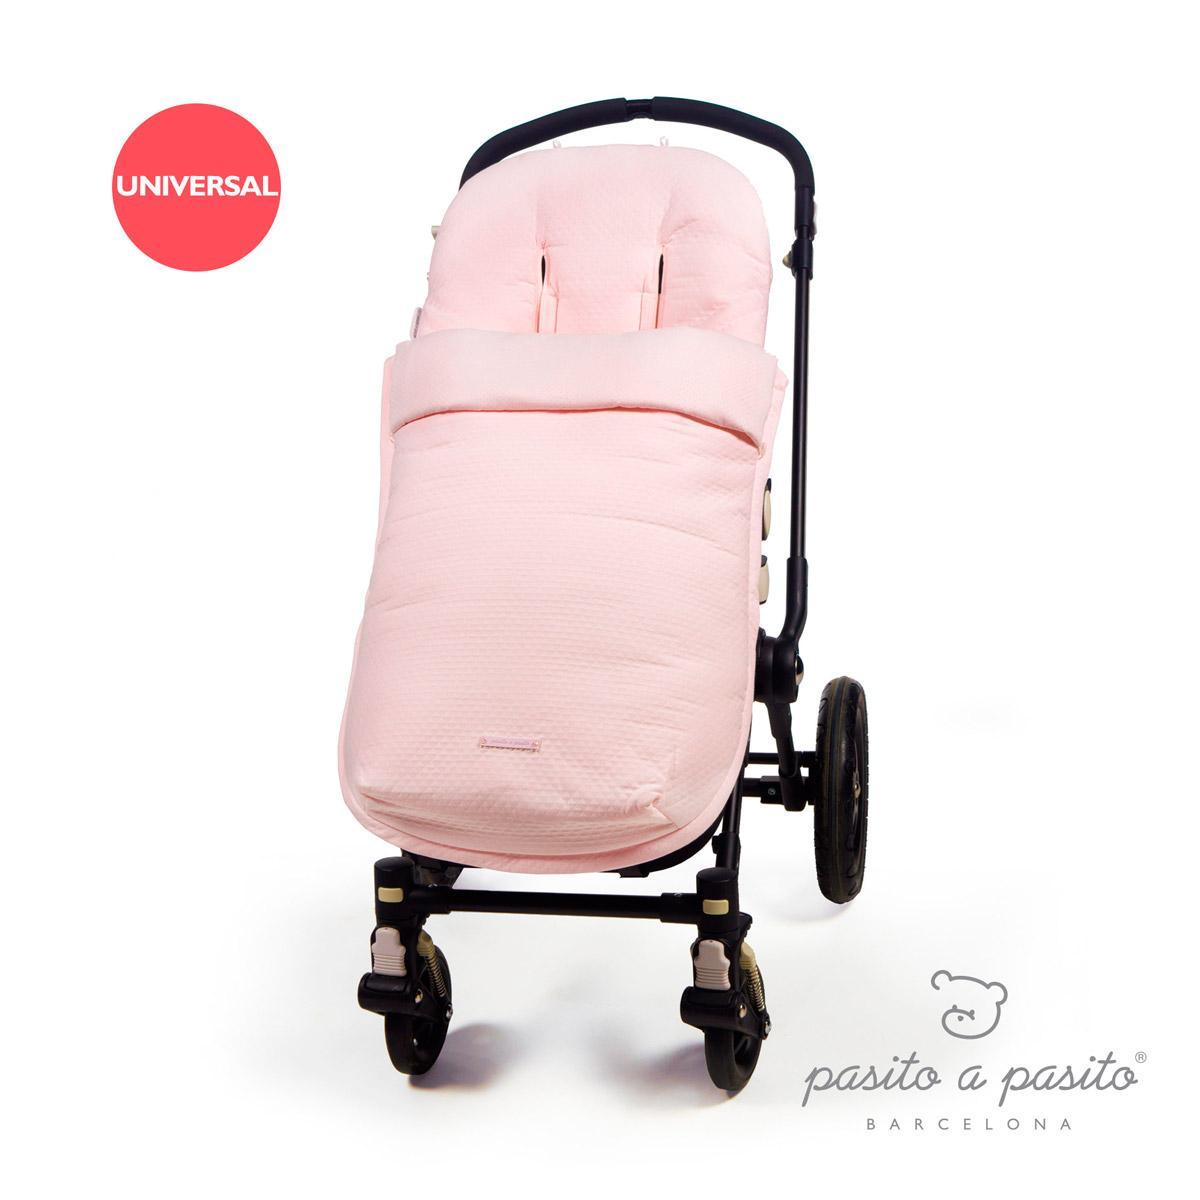 Sacos y colchas saco silla beb invierno catania rosa pasito a pasito - Sacos silla bebe invierno ...